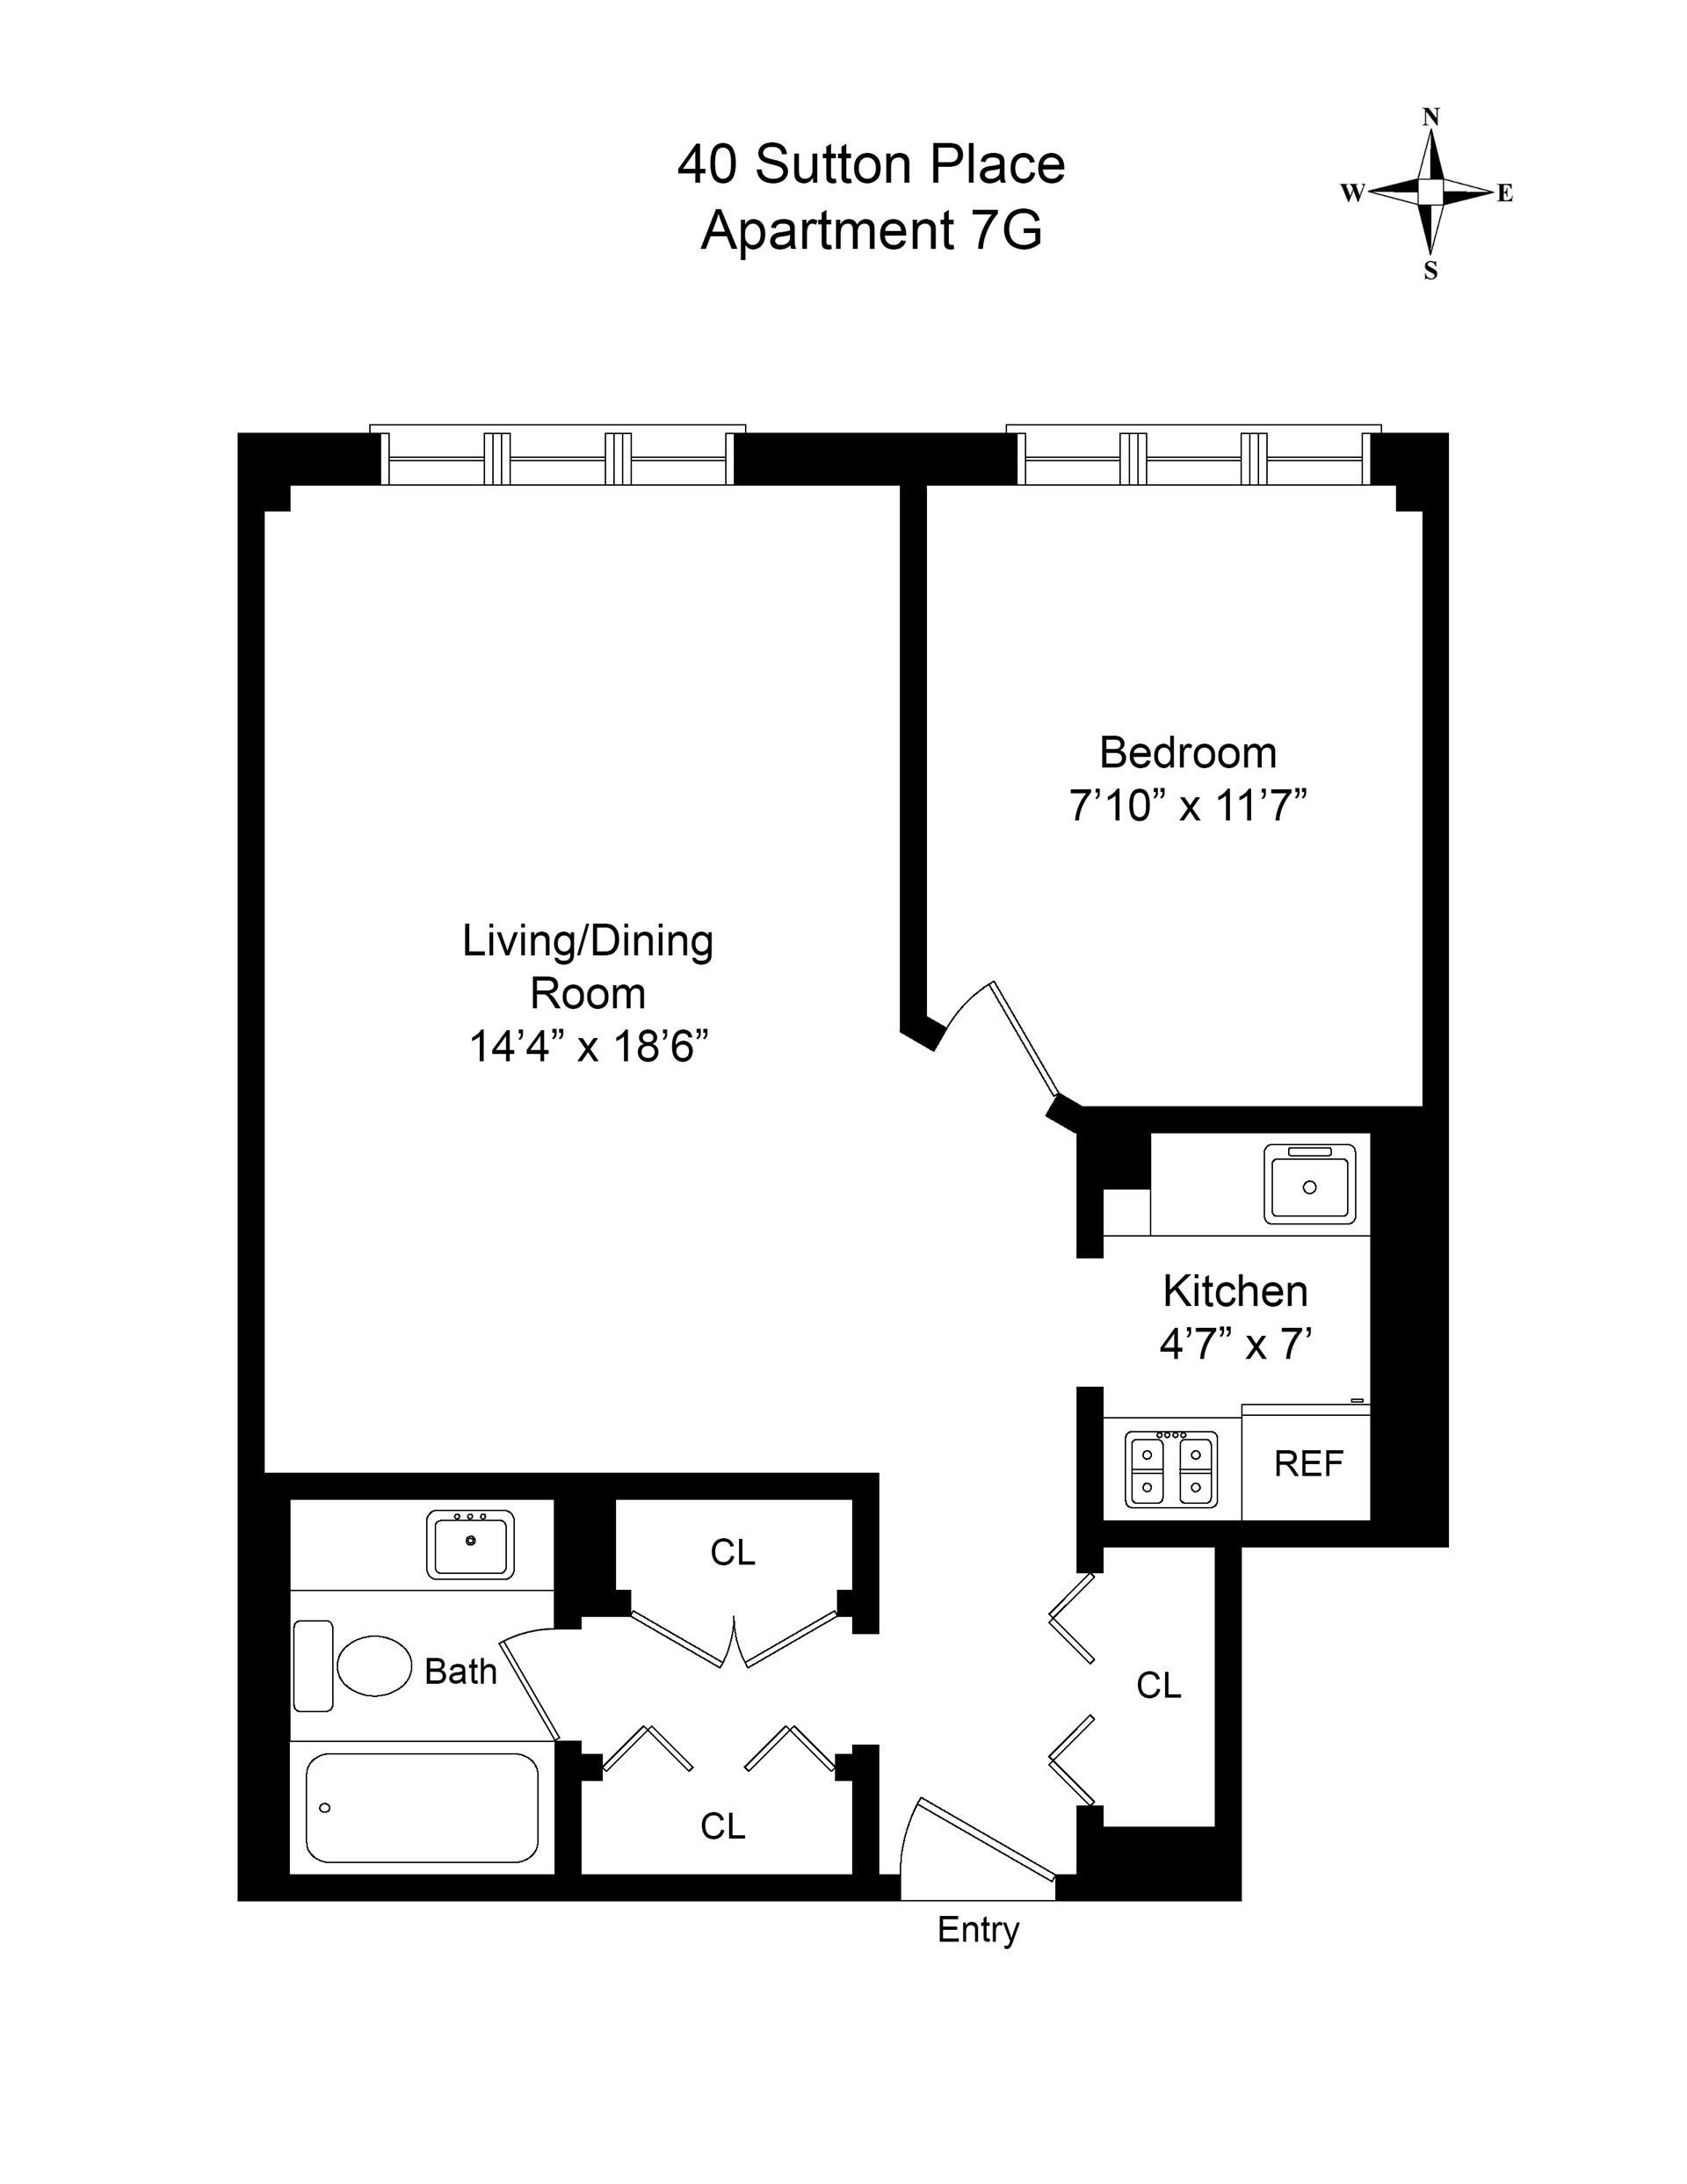 Floor plan of 40 Sutton Pl, 7G - Sutton Area, New York